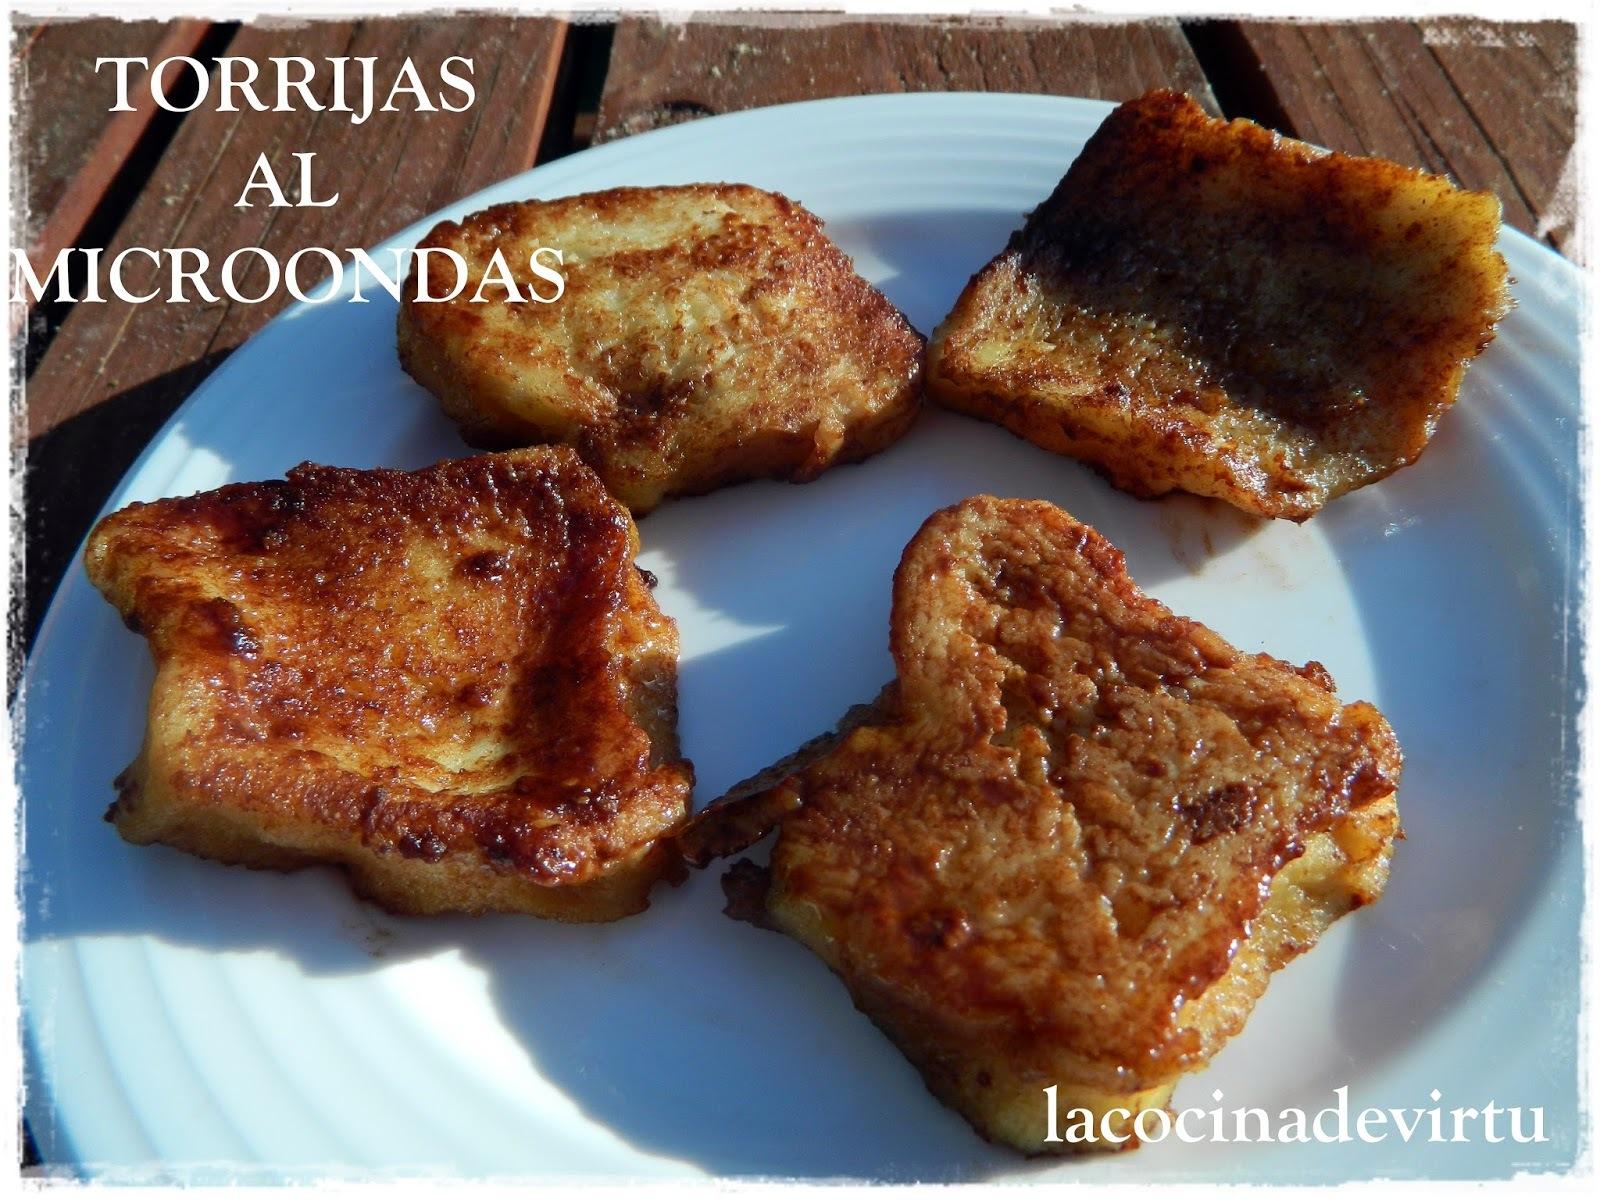 TORRIJAS AL MICROONDAS